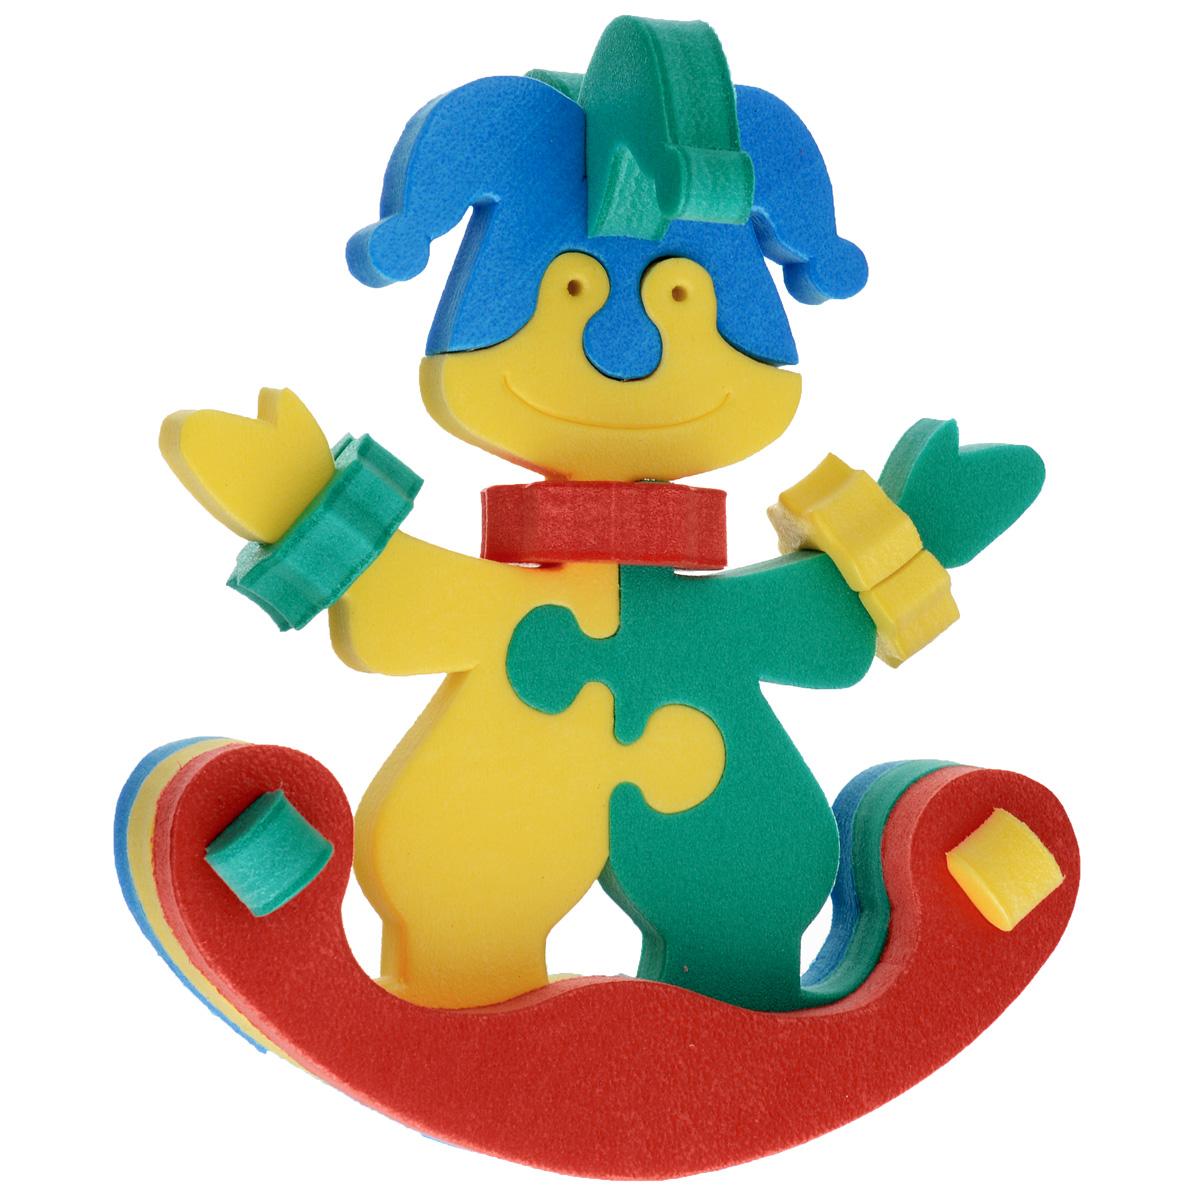 Флексика Мягкий конструктор Клоун-качалка45369Мозаики и конструкторы настолько универсальны и практичны, что с ними можно играть практически везде. Для производства игрушек используется современный, легкий, эластичный, прочный материал, который обеспечивает большую долговечность игрушек, и главное –является абсолютно безопасным для детей. К тому же, благодаря особой структуре материала и свойству прилипать к мокрой поверхности, мягкие конструкторы и мозаики являются идеальной игрушкой для ванны. Способствует развитию у ребенка мелкой моторики, образного и логического мышления, наблюдательности. Производственная фирма `Тедико` зарекомендовала себя на рынке отечественных товаров как производитель высококачественных конструкторов и мозаик серии `Флексика`. Богатый ассортимент включает в себя игрушки для малышей и детей старшего возраста.